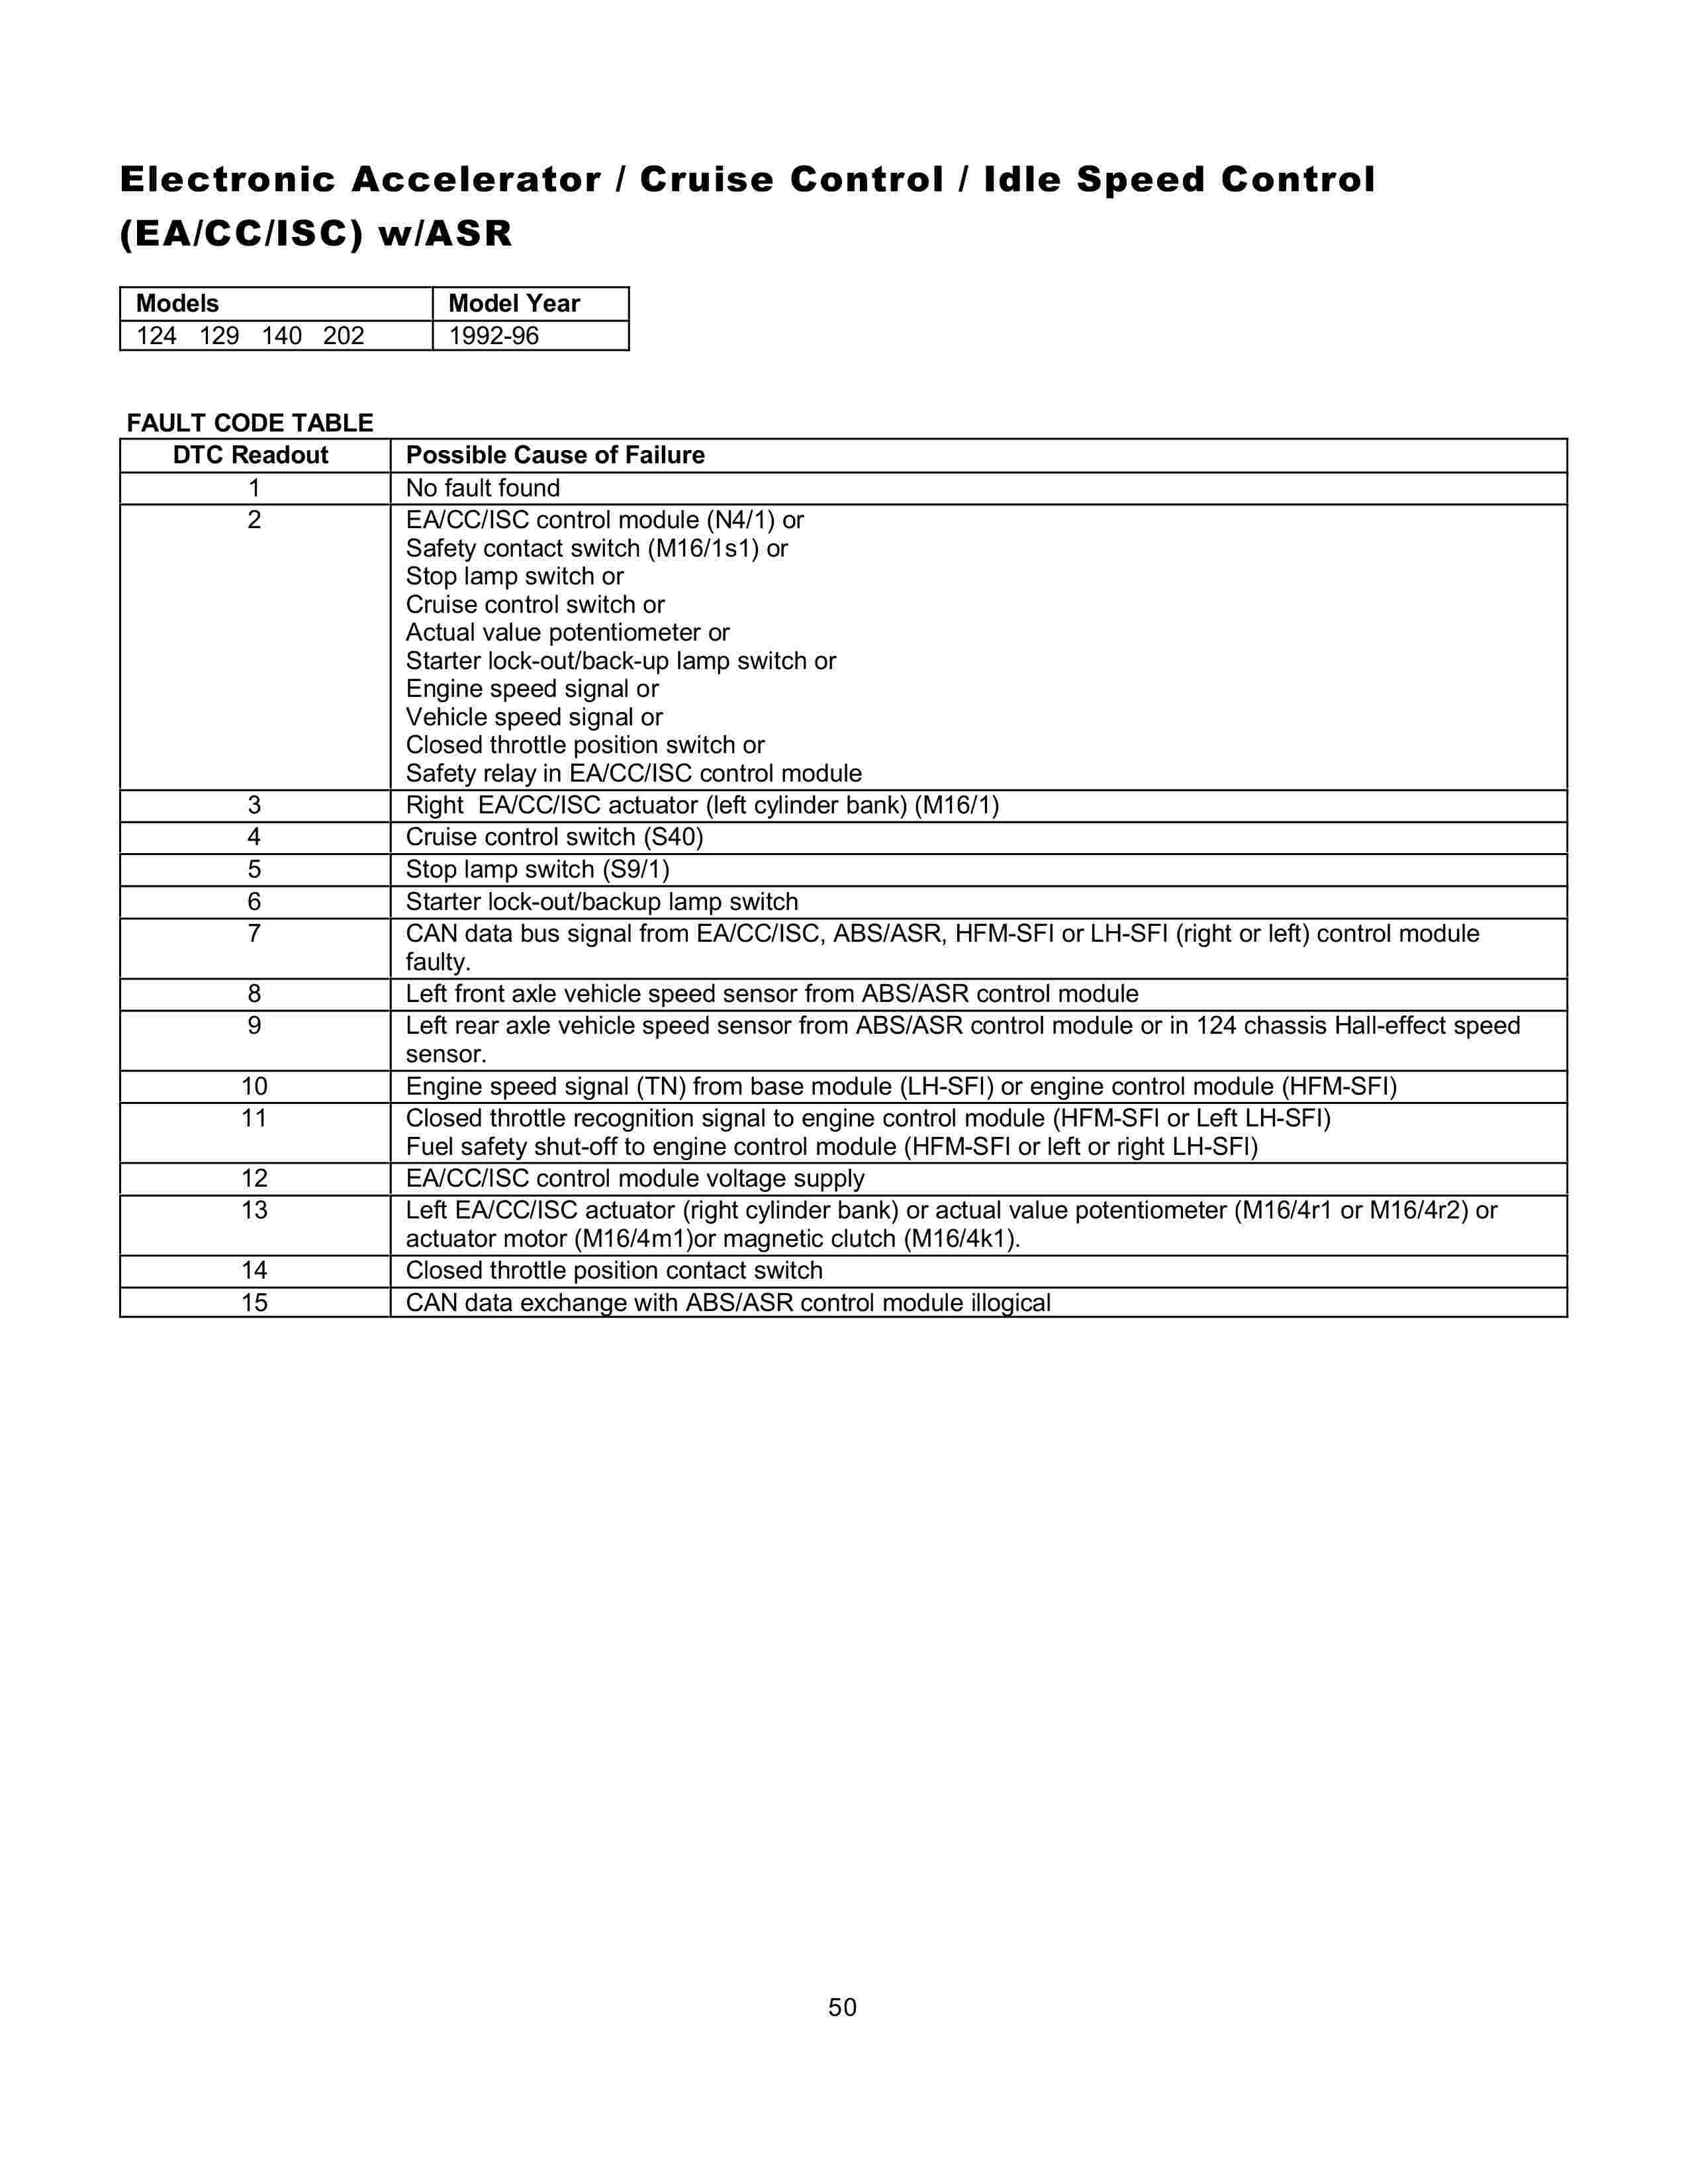 (AJUDA GERAL): Manual de códigos das falhas - analógico e digital - 1988 a 2000 0050_112